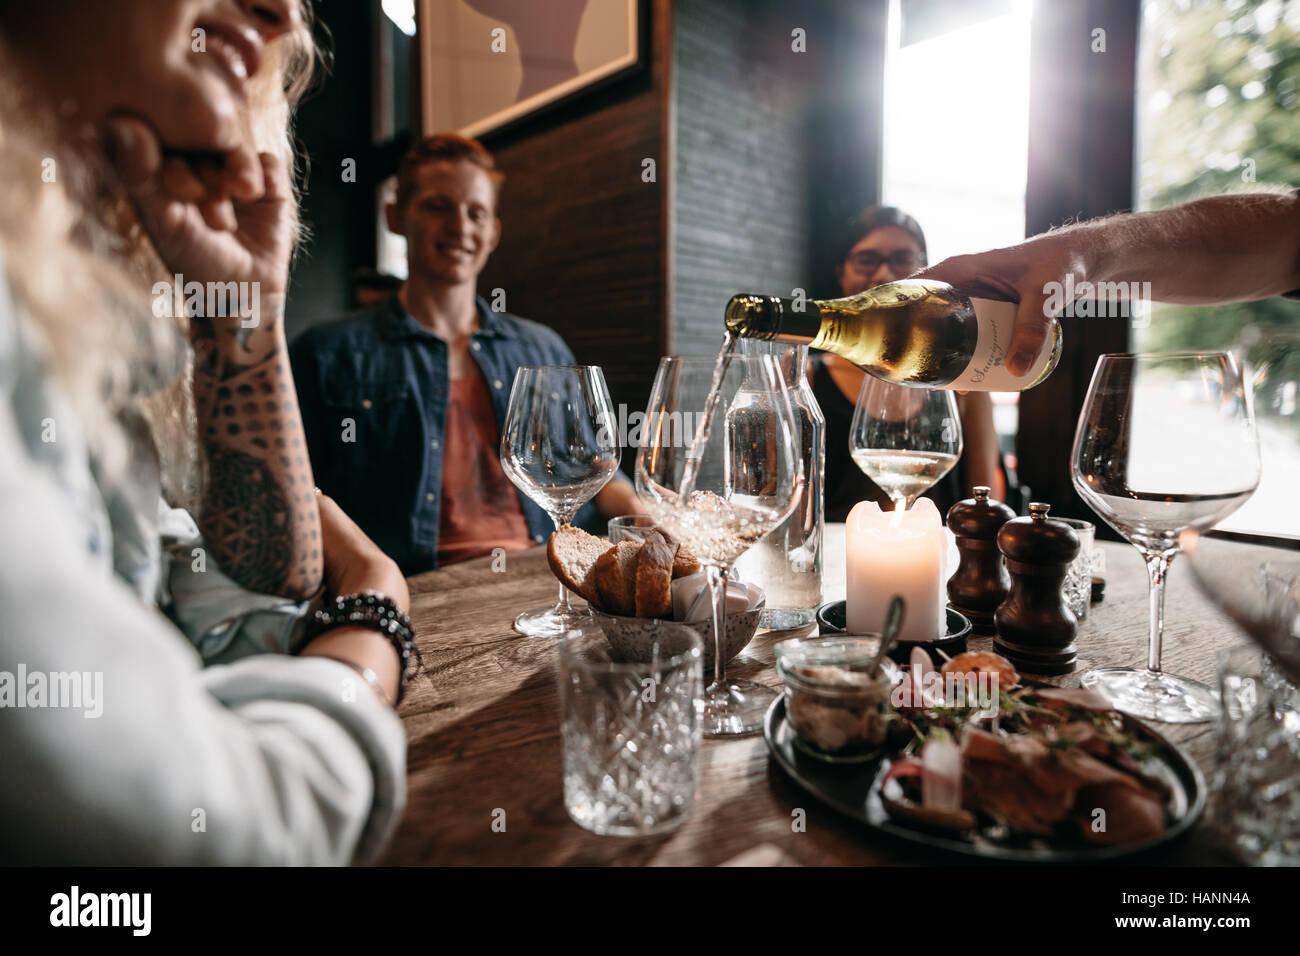 Man main verser le vin blanc de la bouteille dans des verres avec des amis autour de la table. Groupe de jeunes Photo Stock